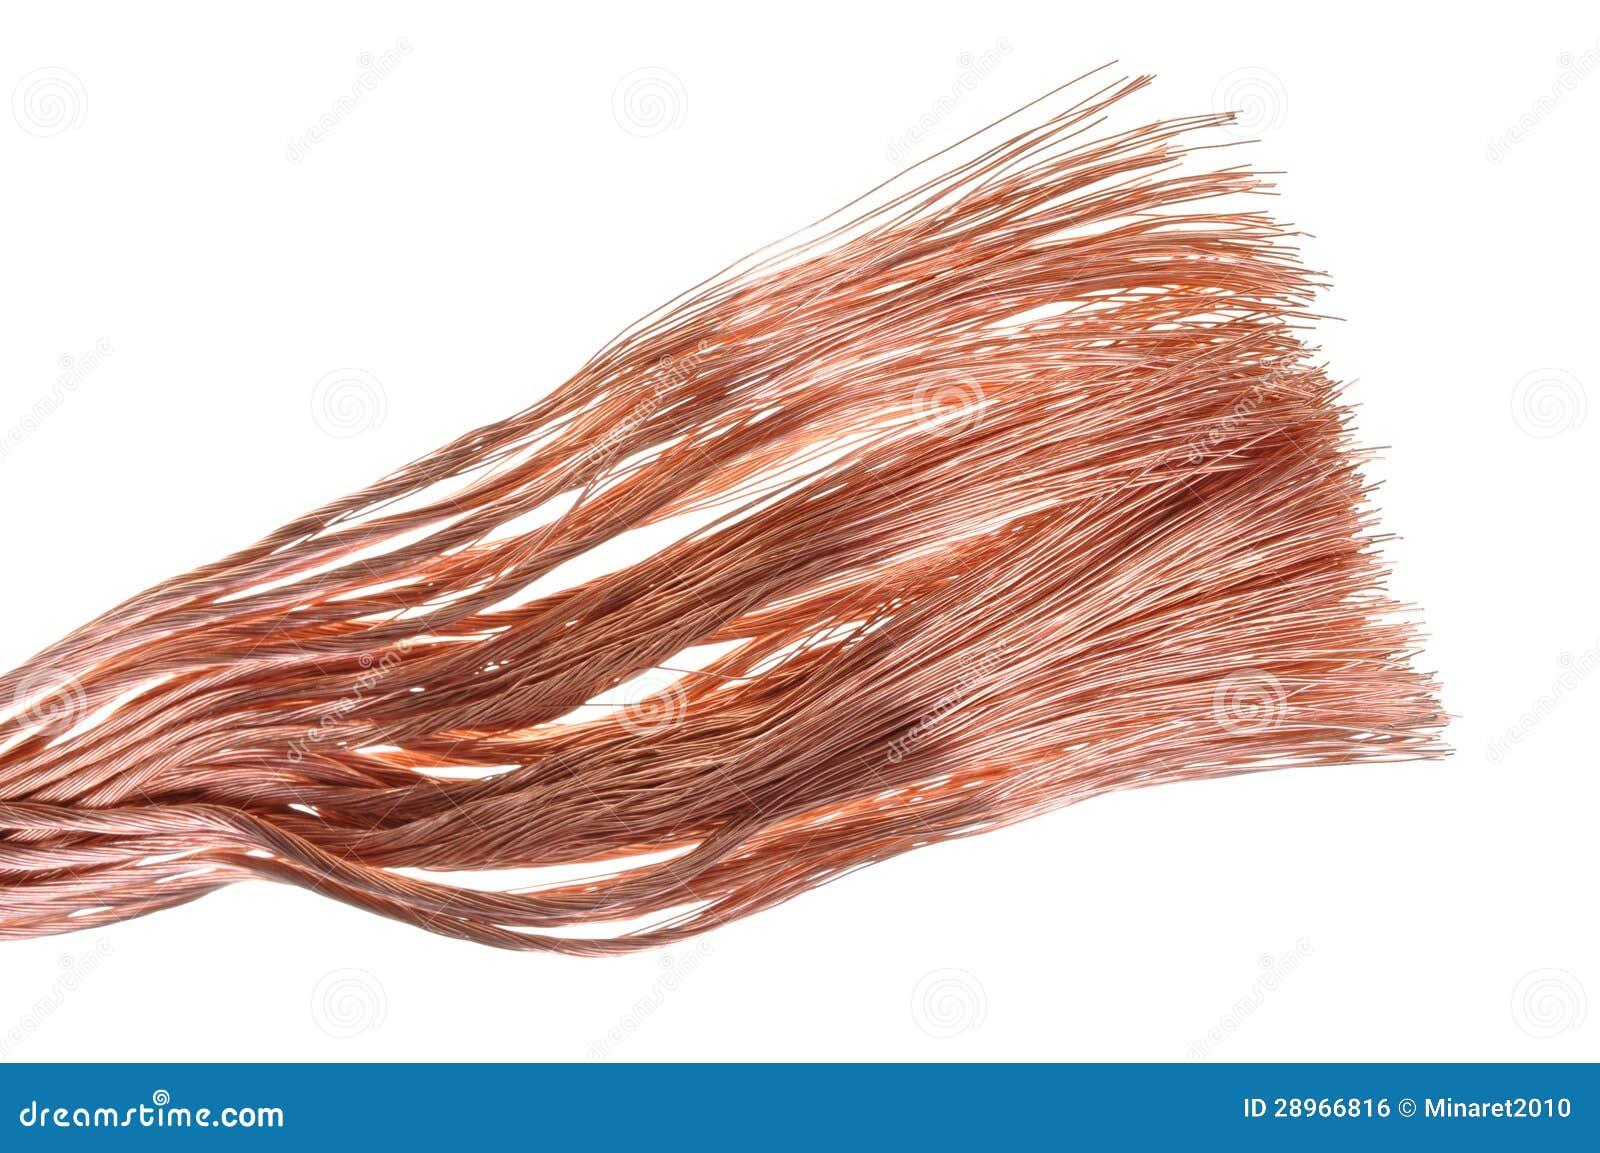 Alambre de cobre puro foto de archivo imagen de conductor - Alambre de cobre ...